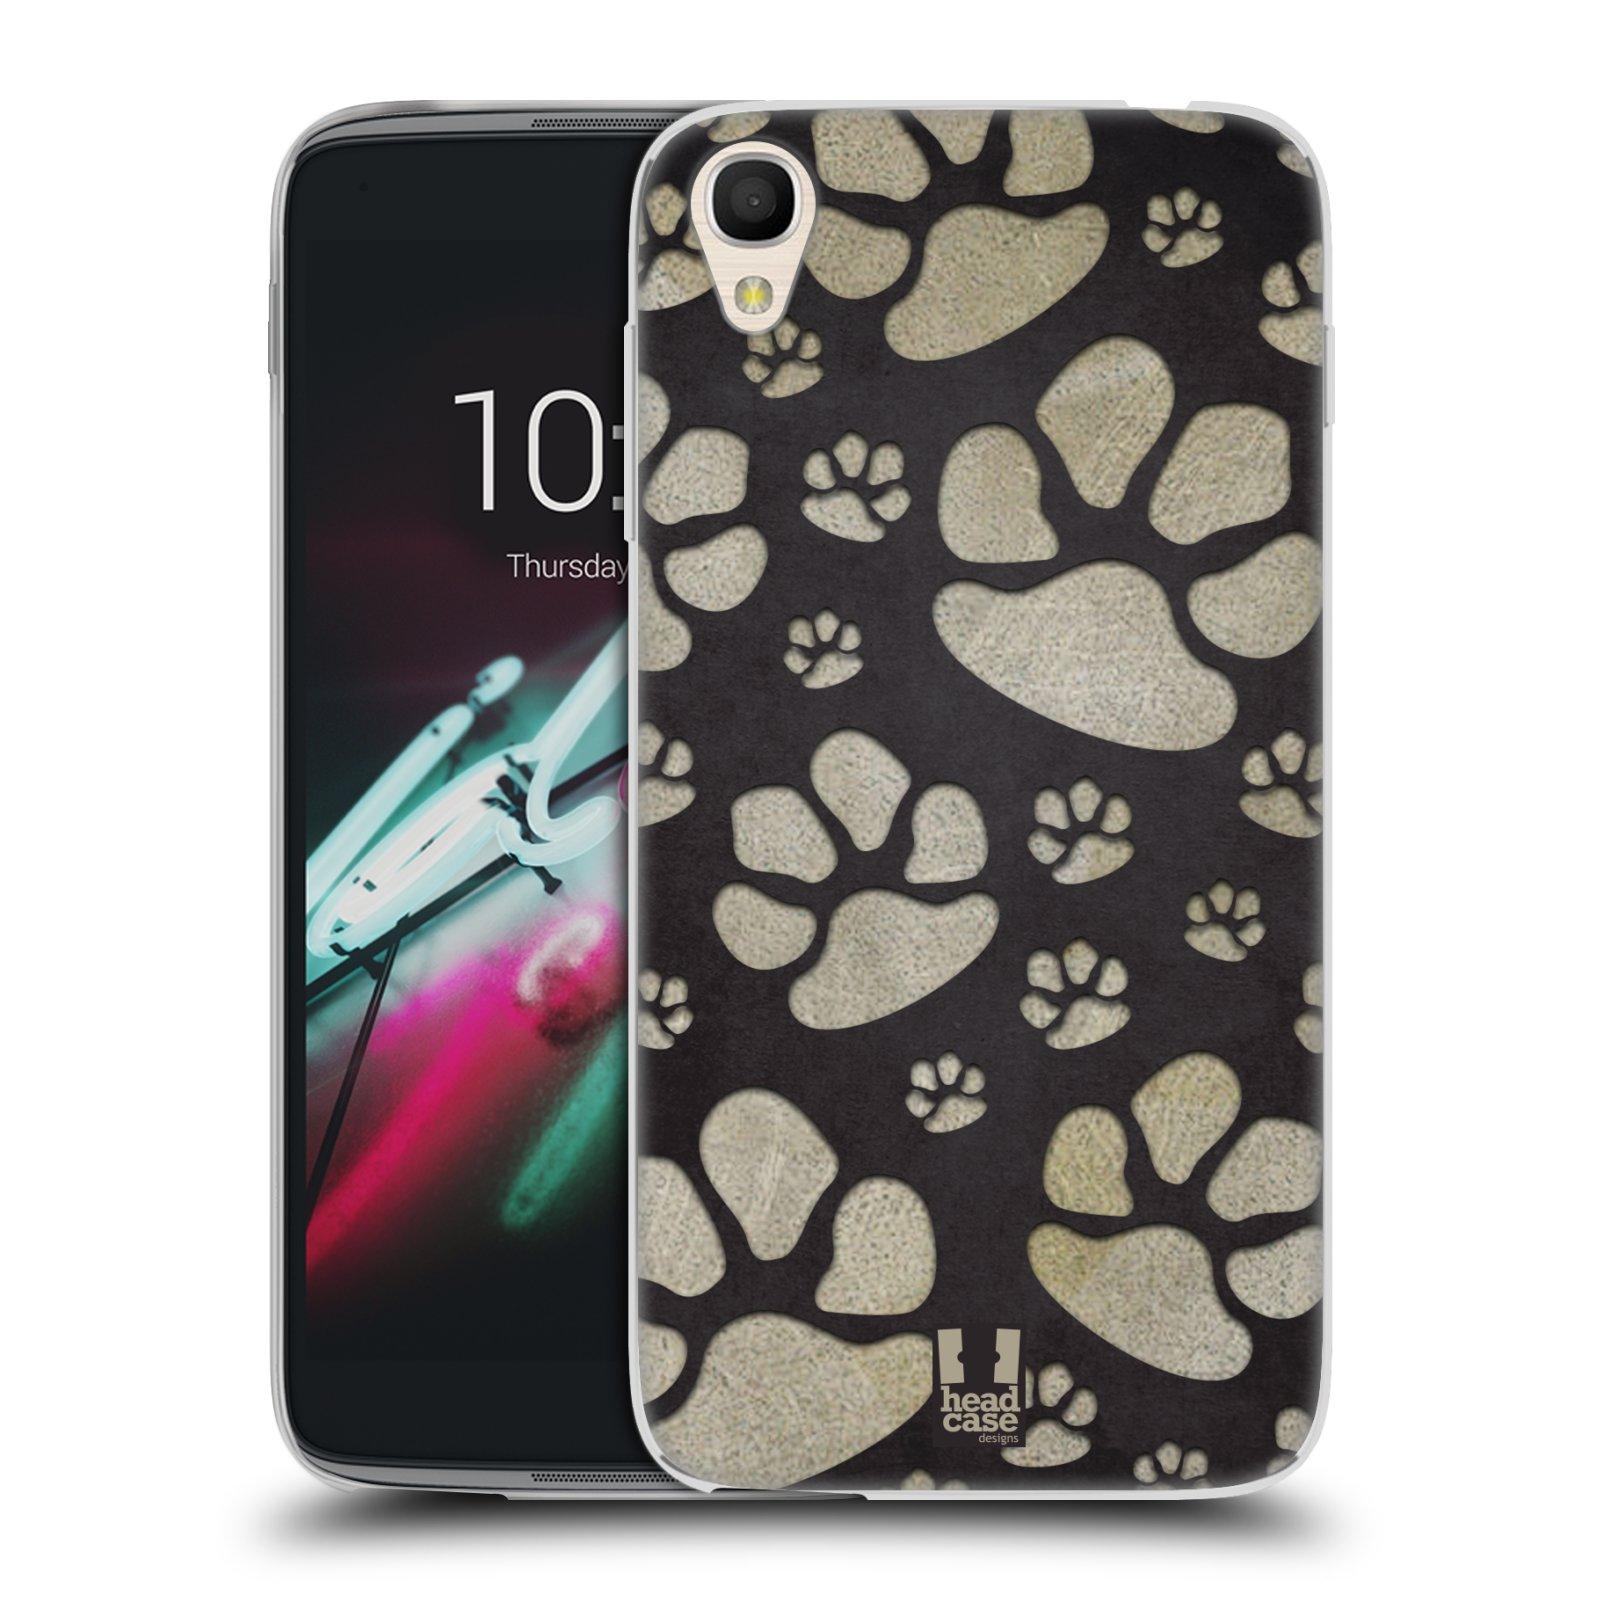 """Silikonové pouzdro na mobil Alcatel One Touch 6039Y Idol 3 HEAD CASE TLAPKY ŠEDÉ (Silikonový kryt či obal na mobilní telefon Alcatel One Touch Idol 3 OT-6039Y s 4,7"""" displejem)"""